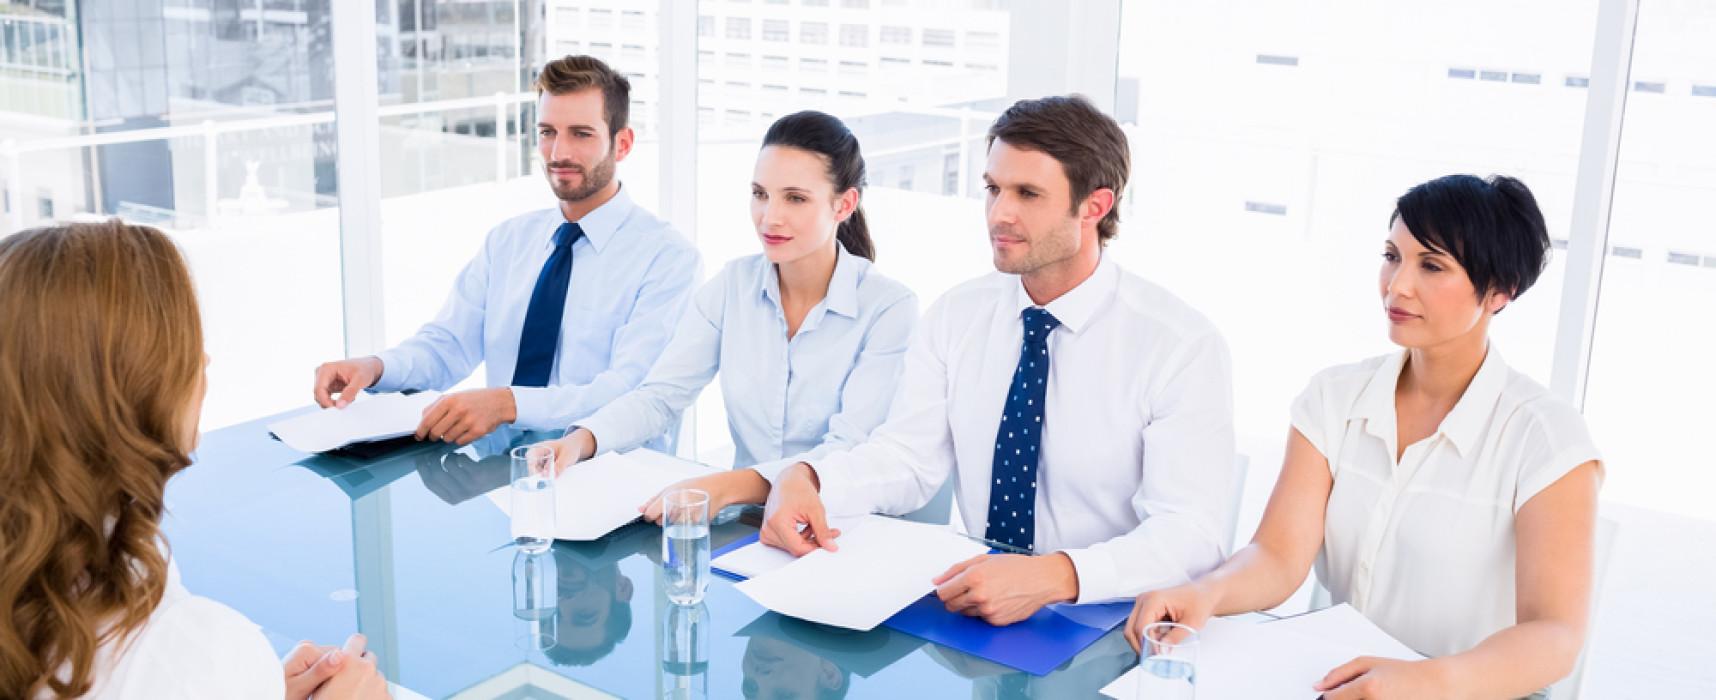 Как проводится проверка кандидатов на вакантную должность, этапы проведения процедуры и основные методы